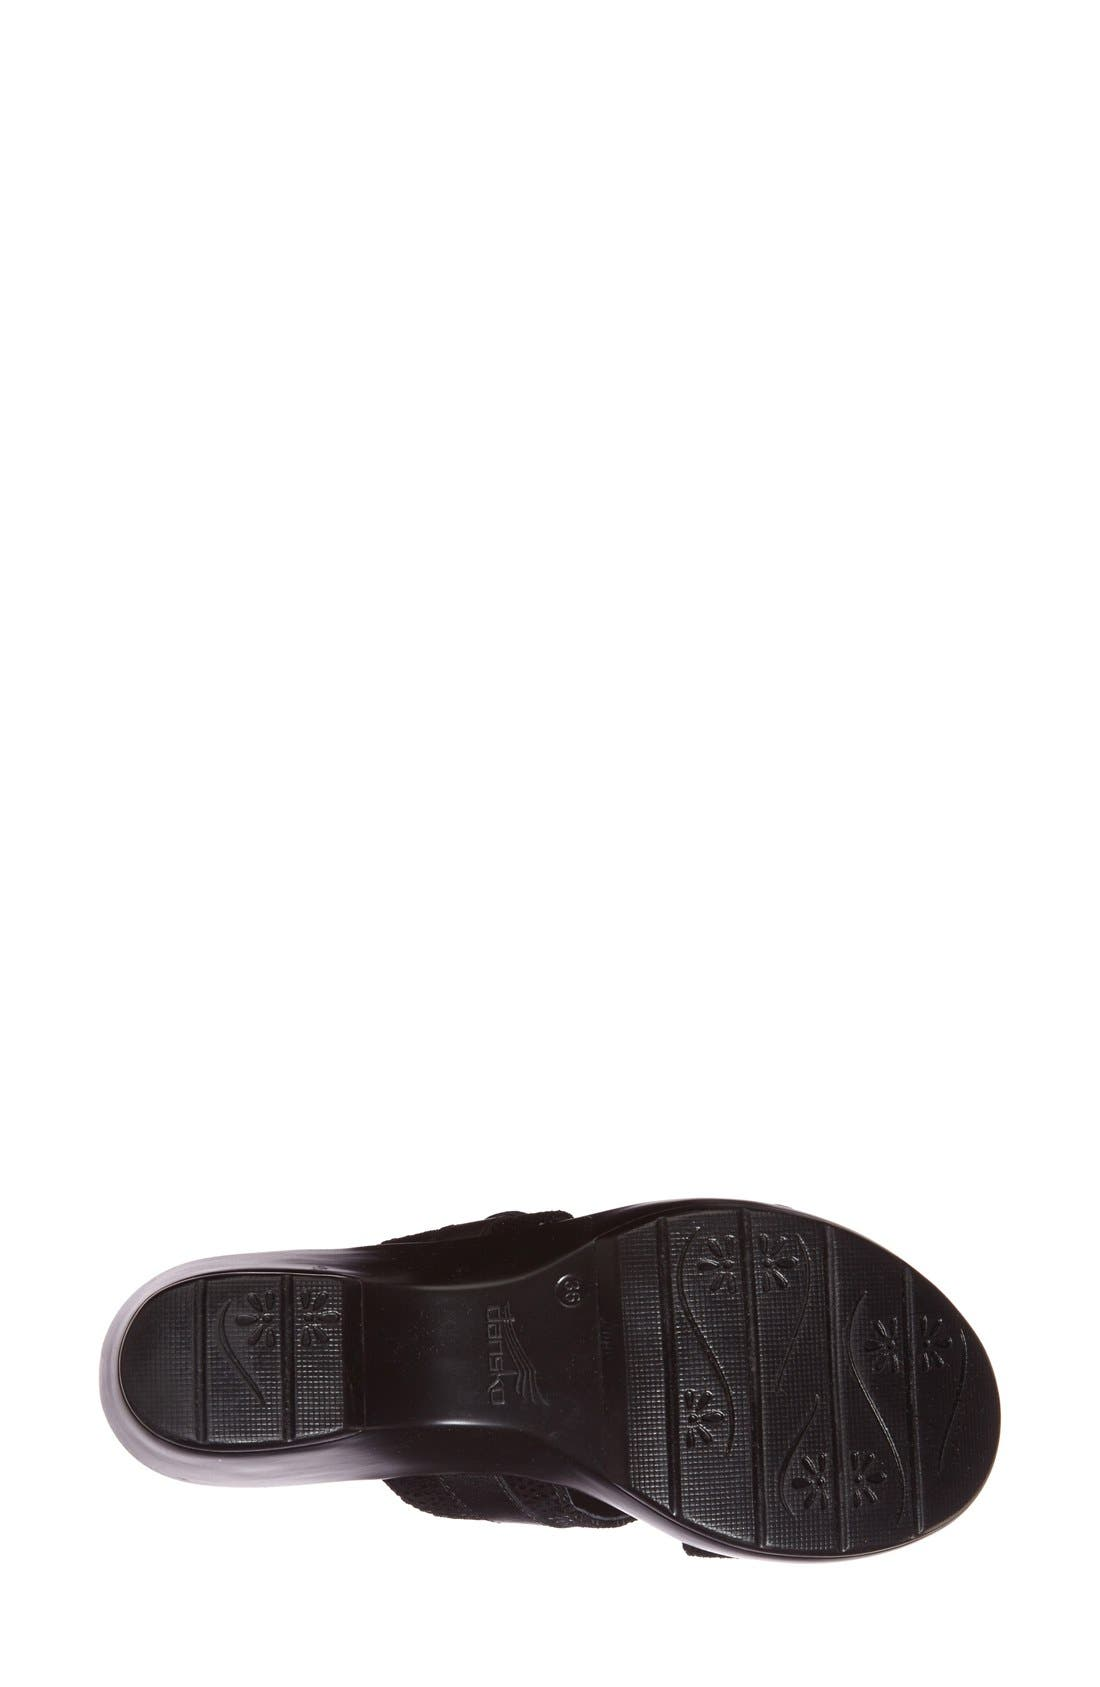 'Jessie' Double Strap Sandal,                             Alternate thumbnail 4, color,                             001